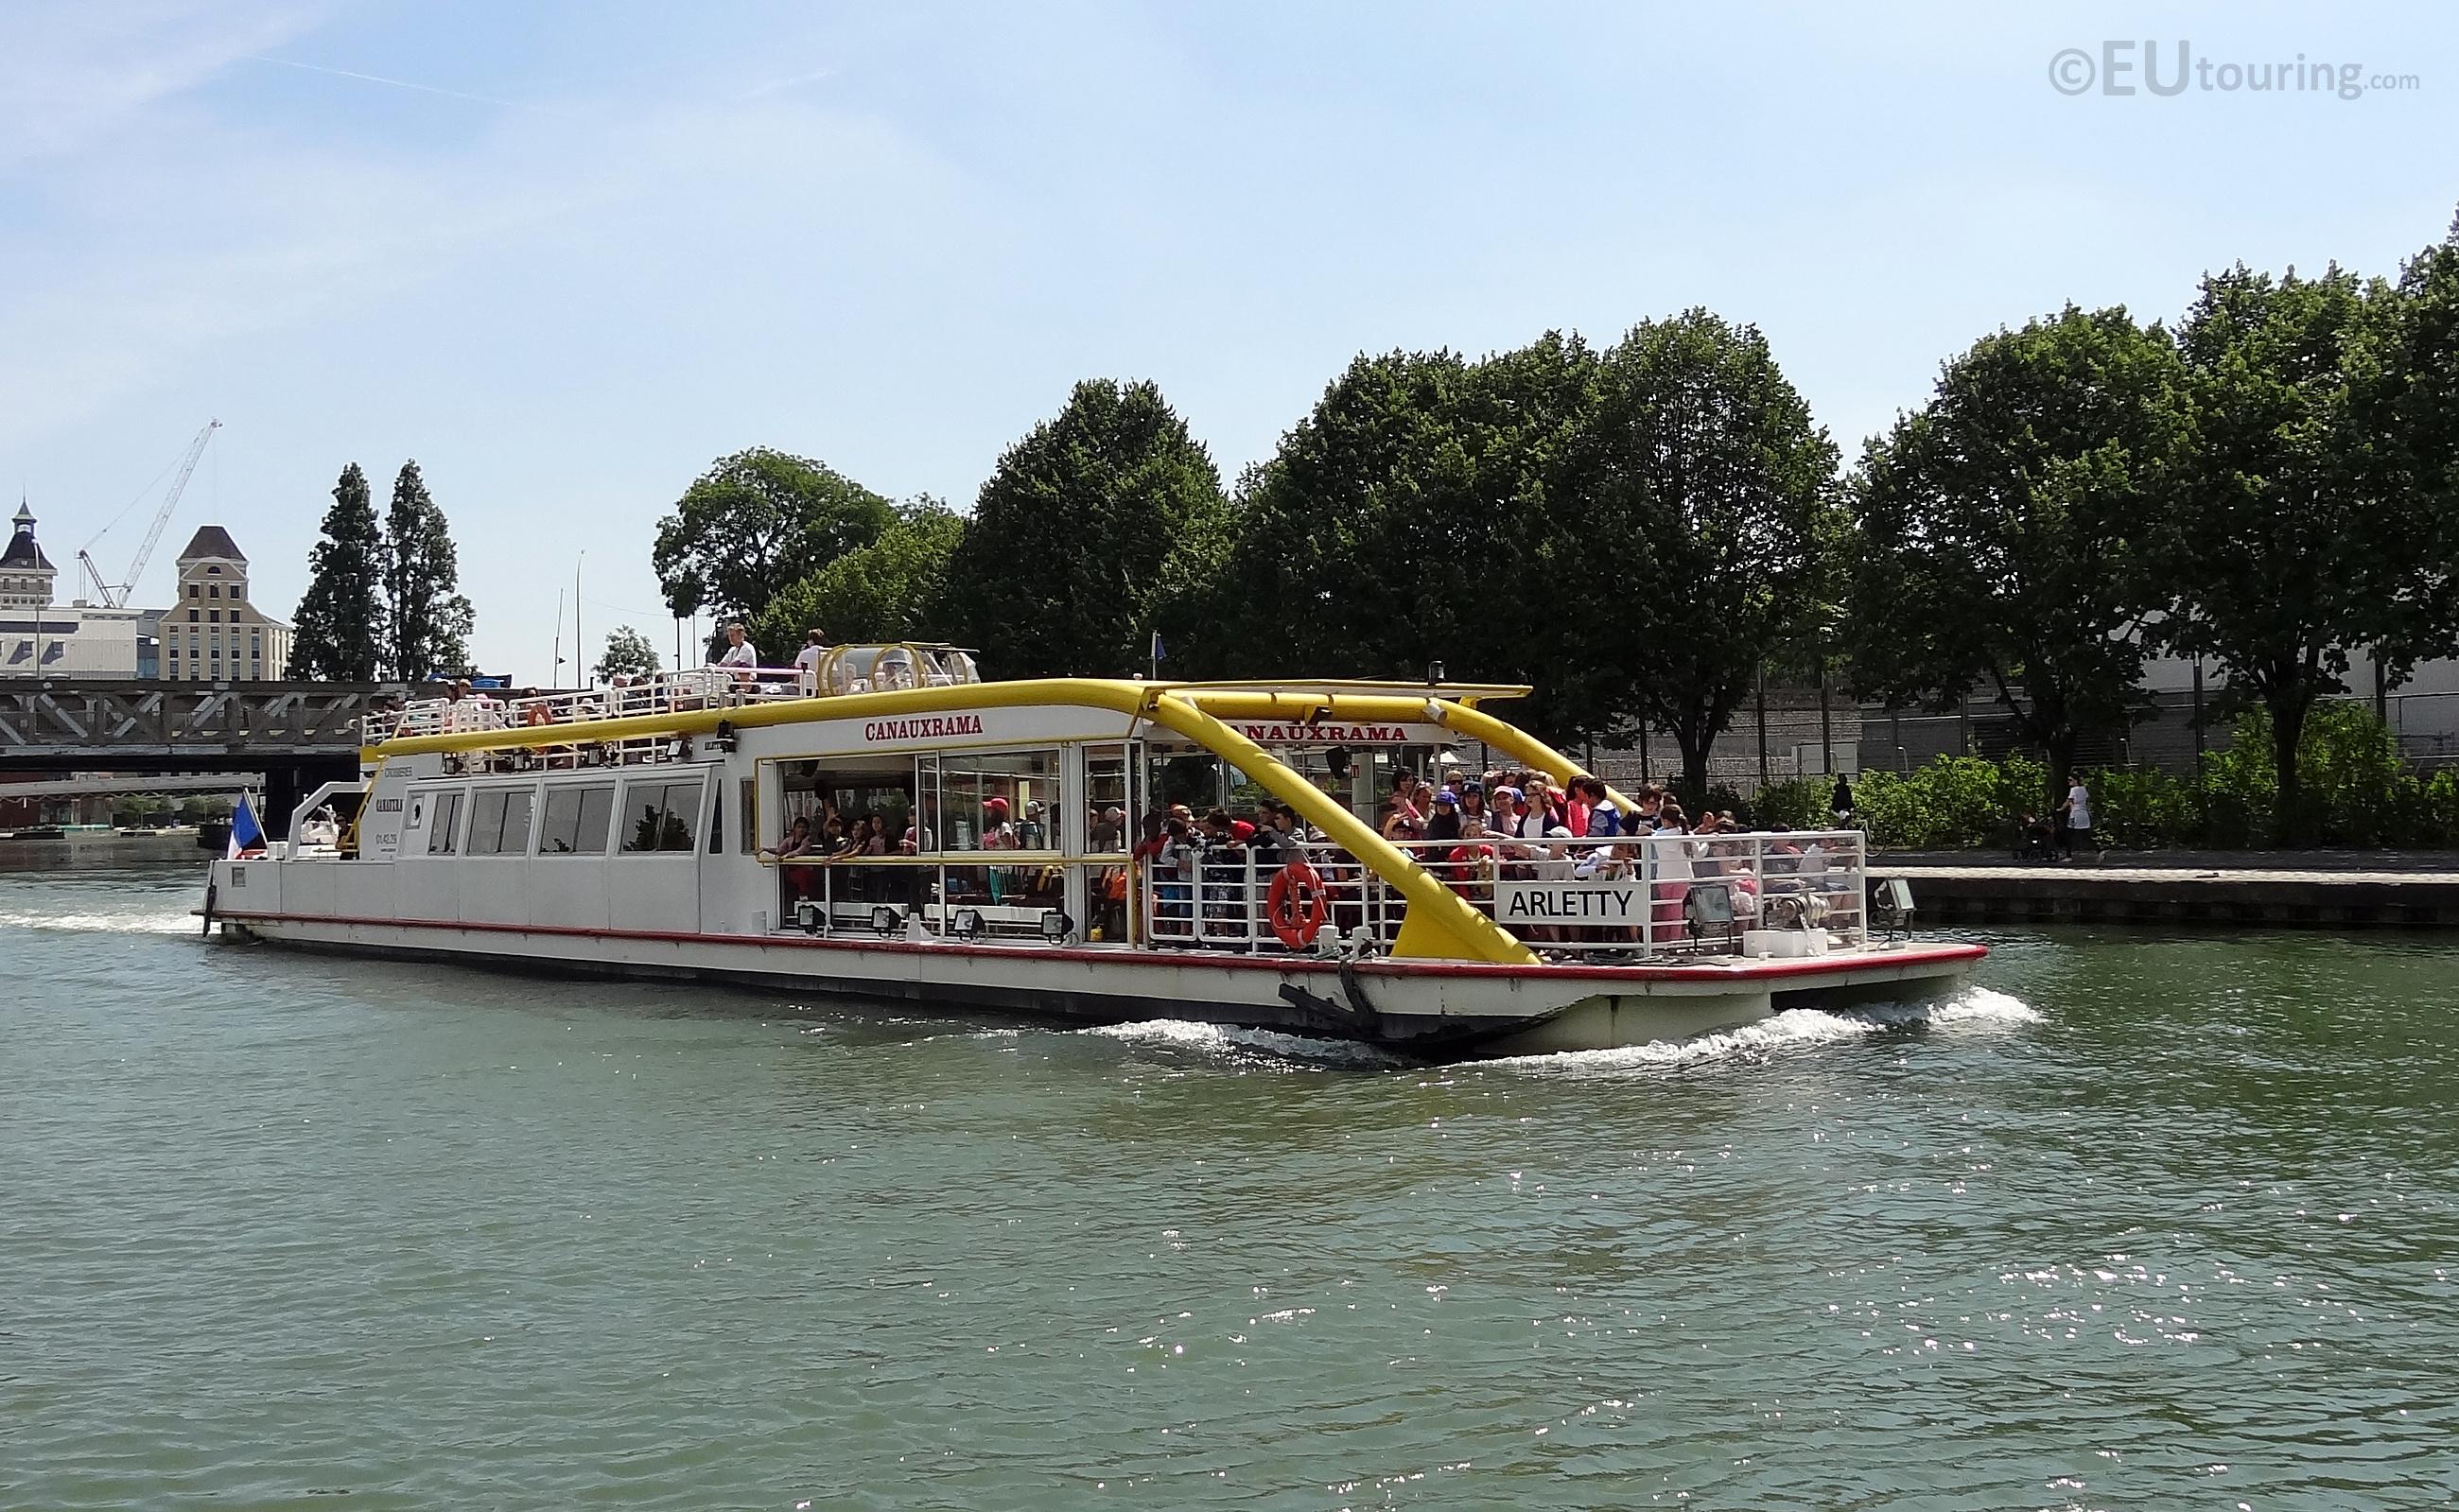 Canauxrama cruise boat